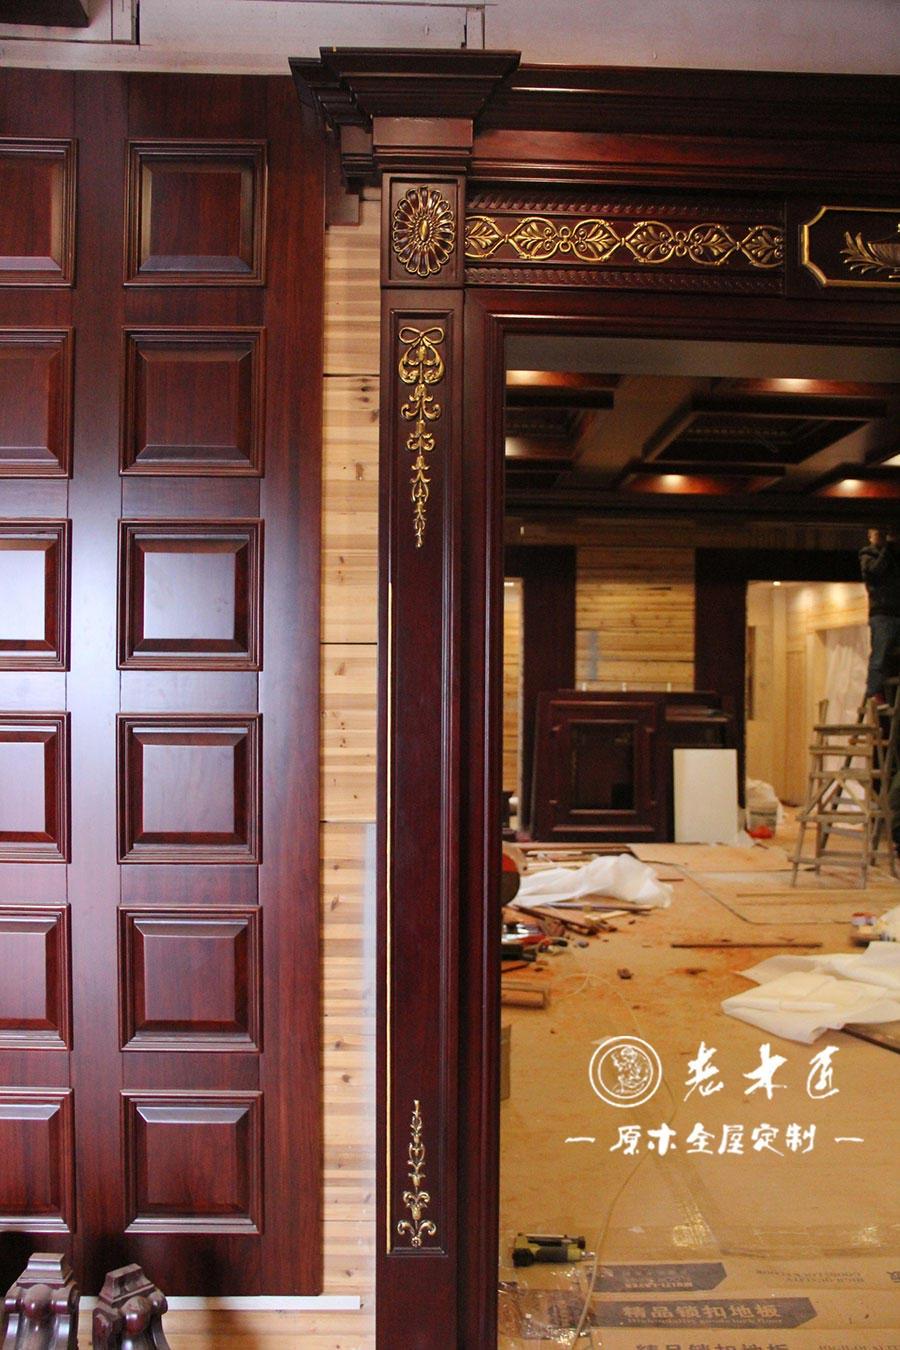 漳州本部原木体验馆(漳州展厅),占地面积2000多平方米,包括客厅